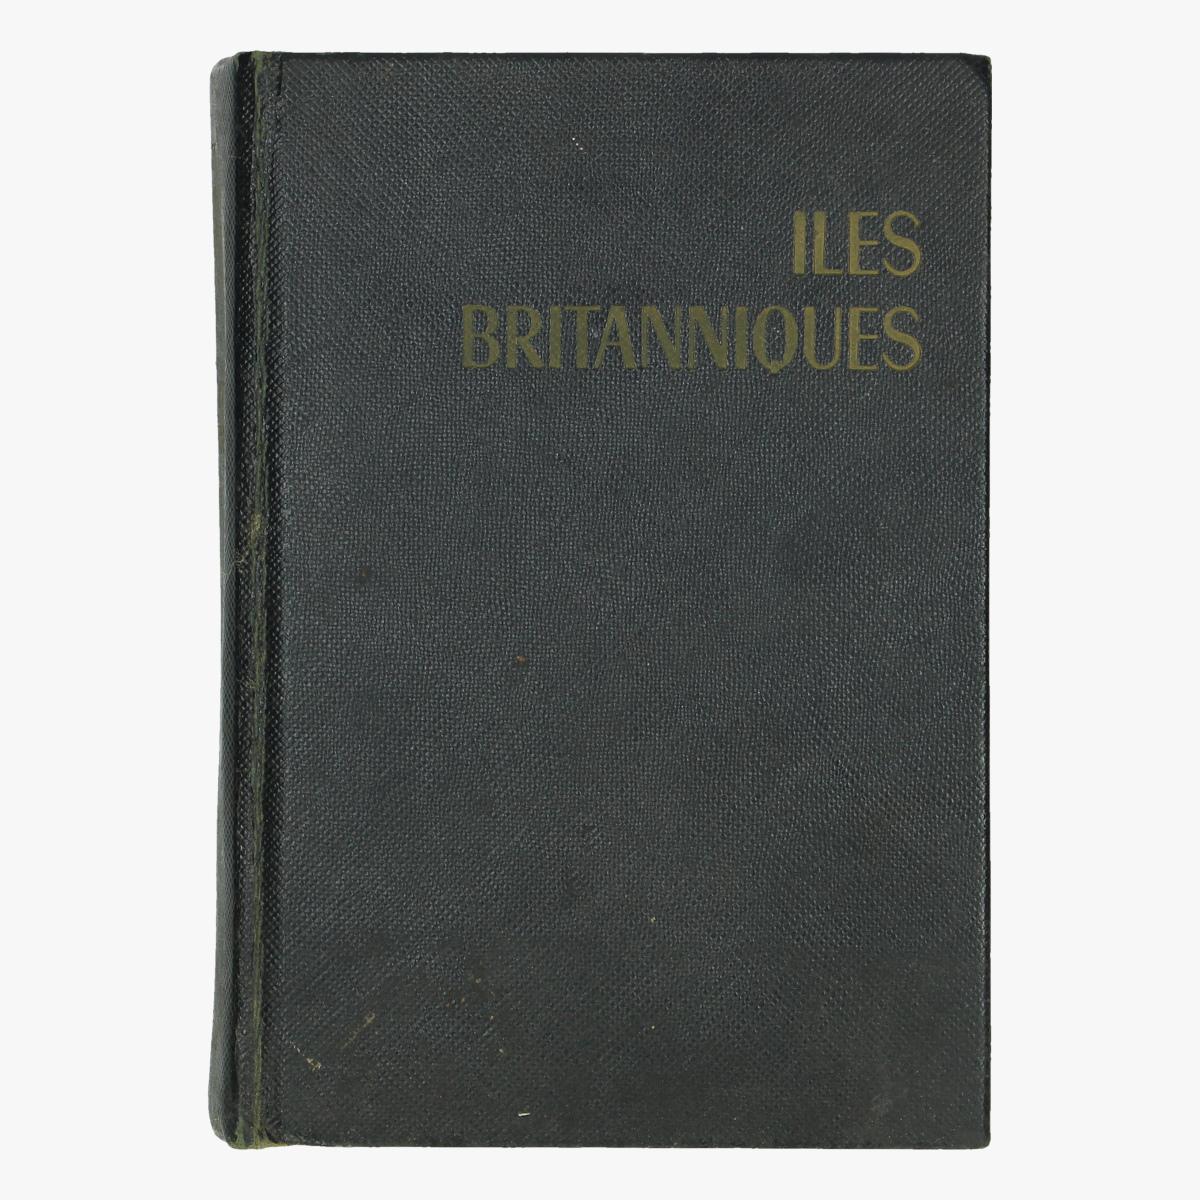 Afbeeldingen van boek iles Britanniques